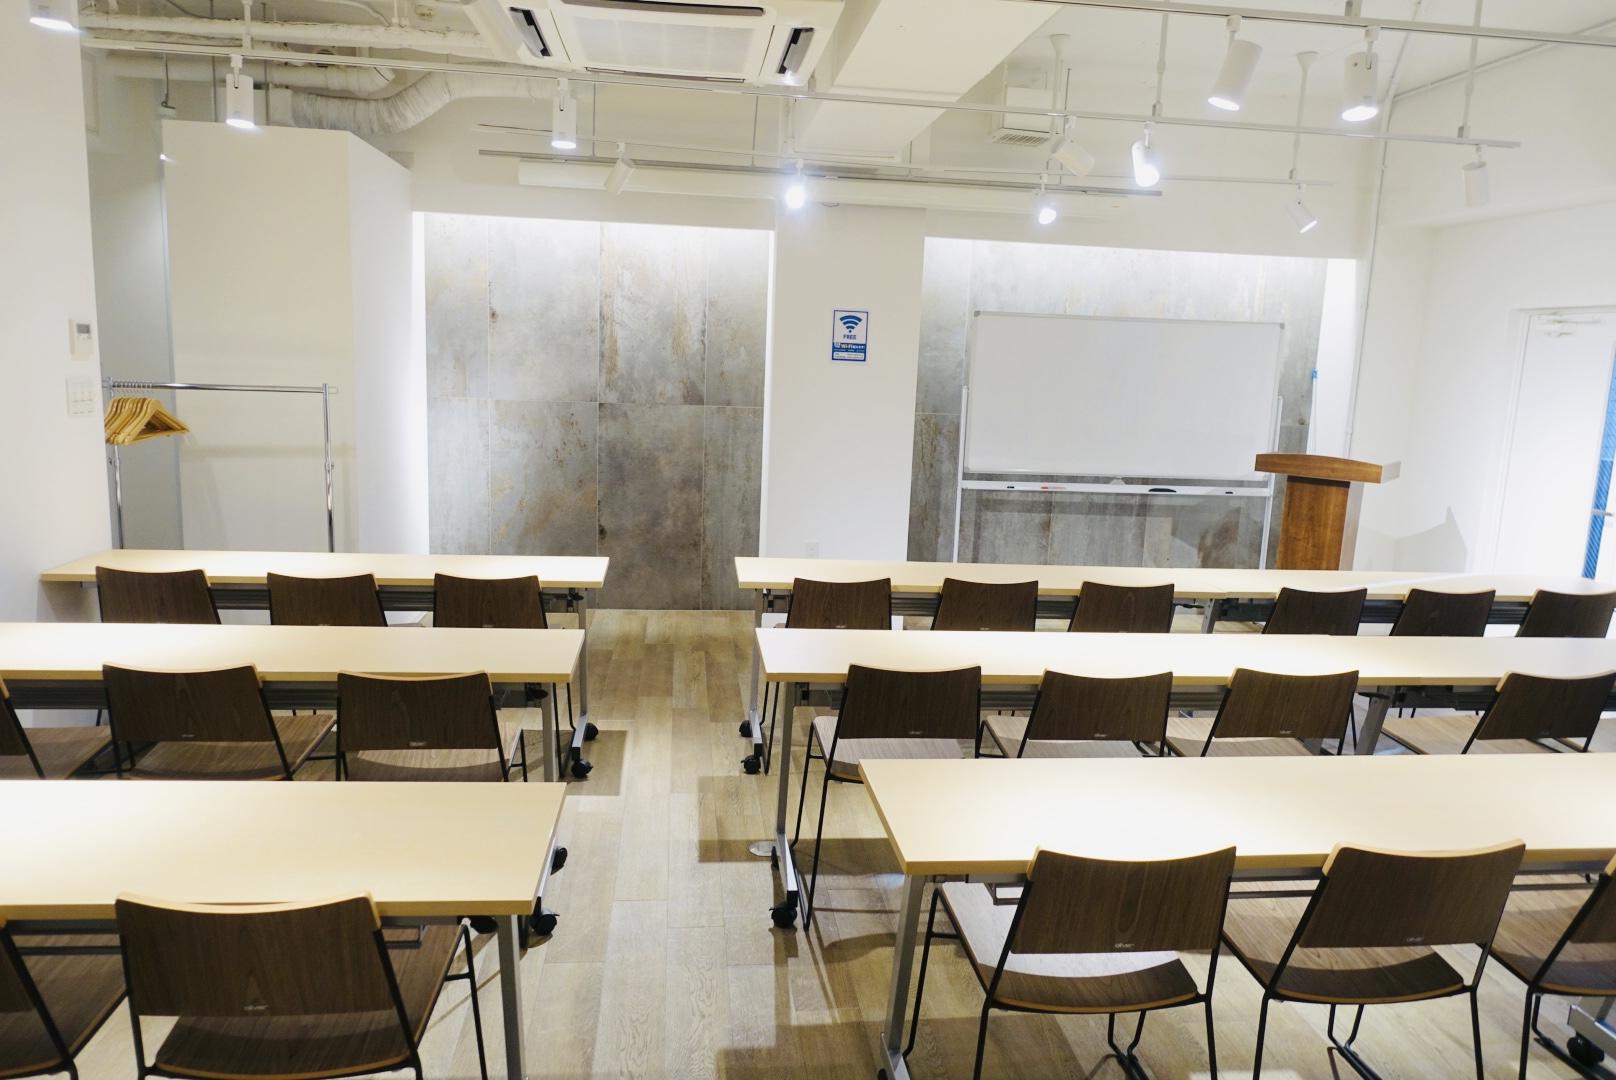 レンタルスペース「スペースマーケット会議室 ーT's南森町3Fー」の画像2